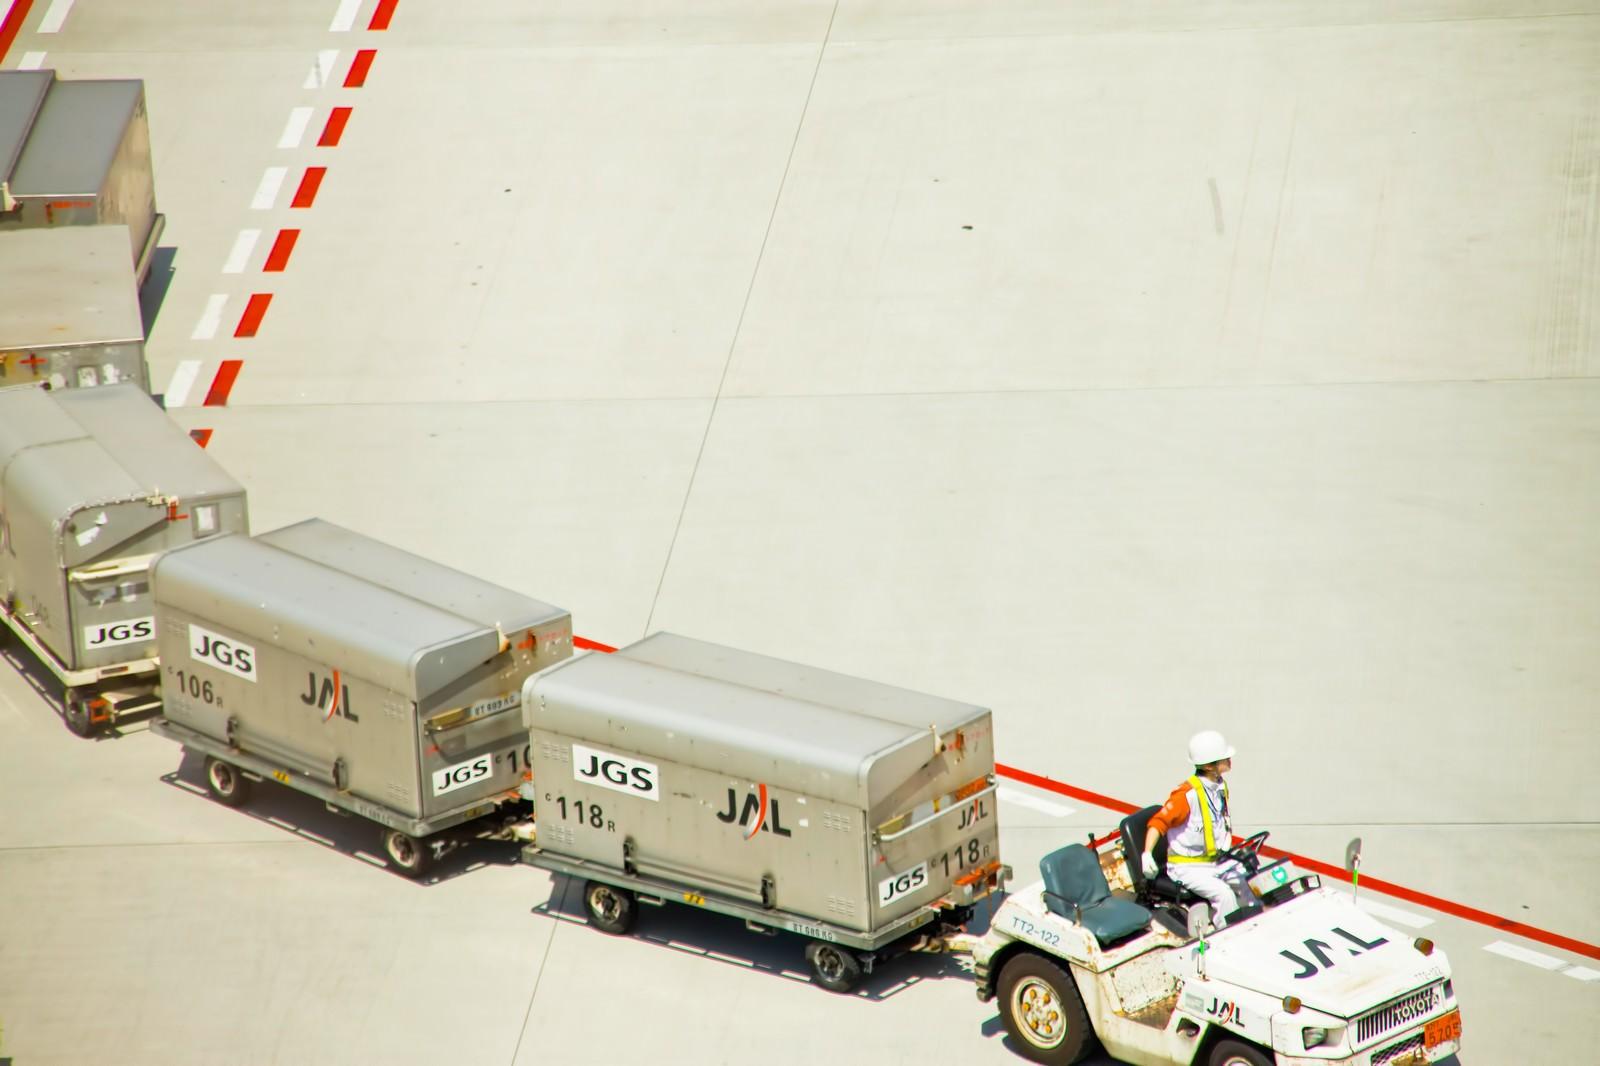 「空港のコンテナを運ぶ車空港のコンテナを運ぶ車」のフリー写真素材を拡大